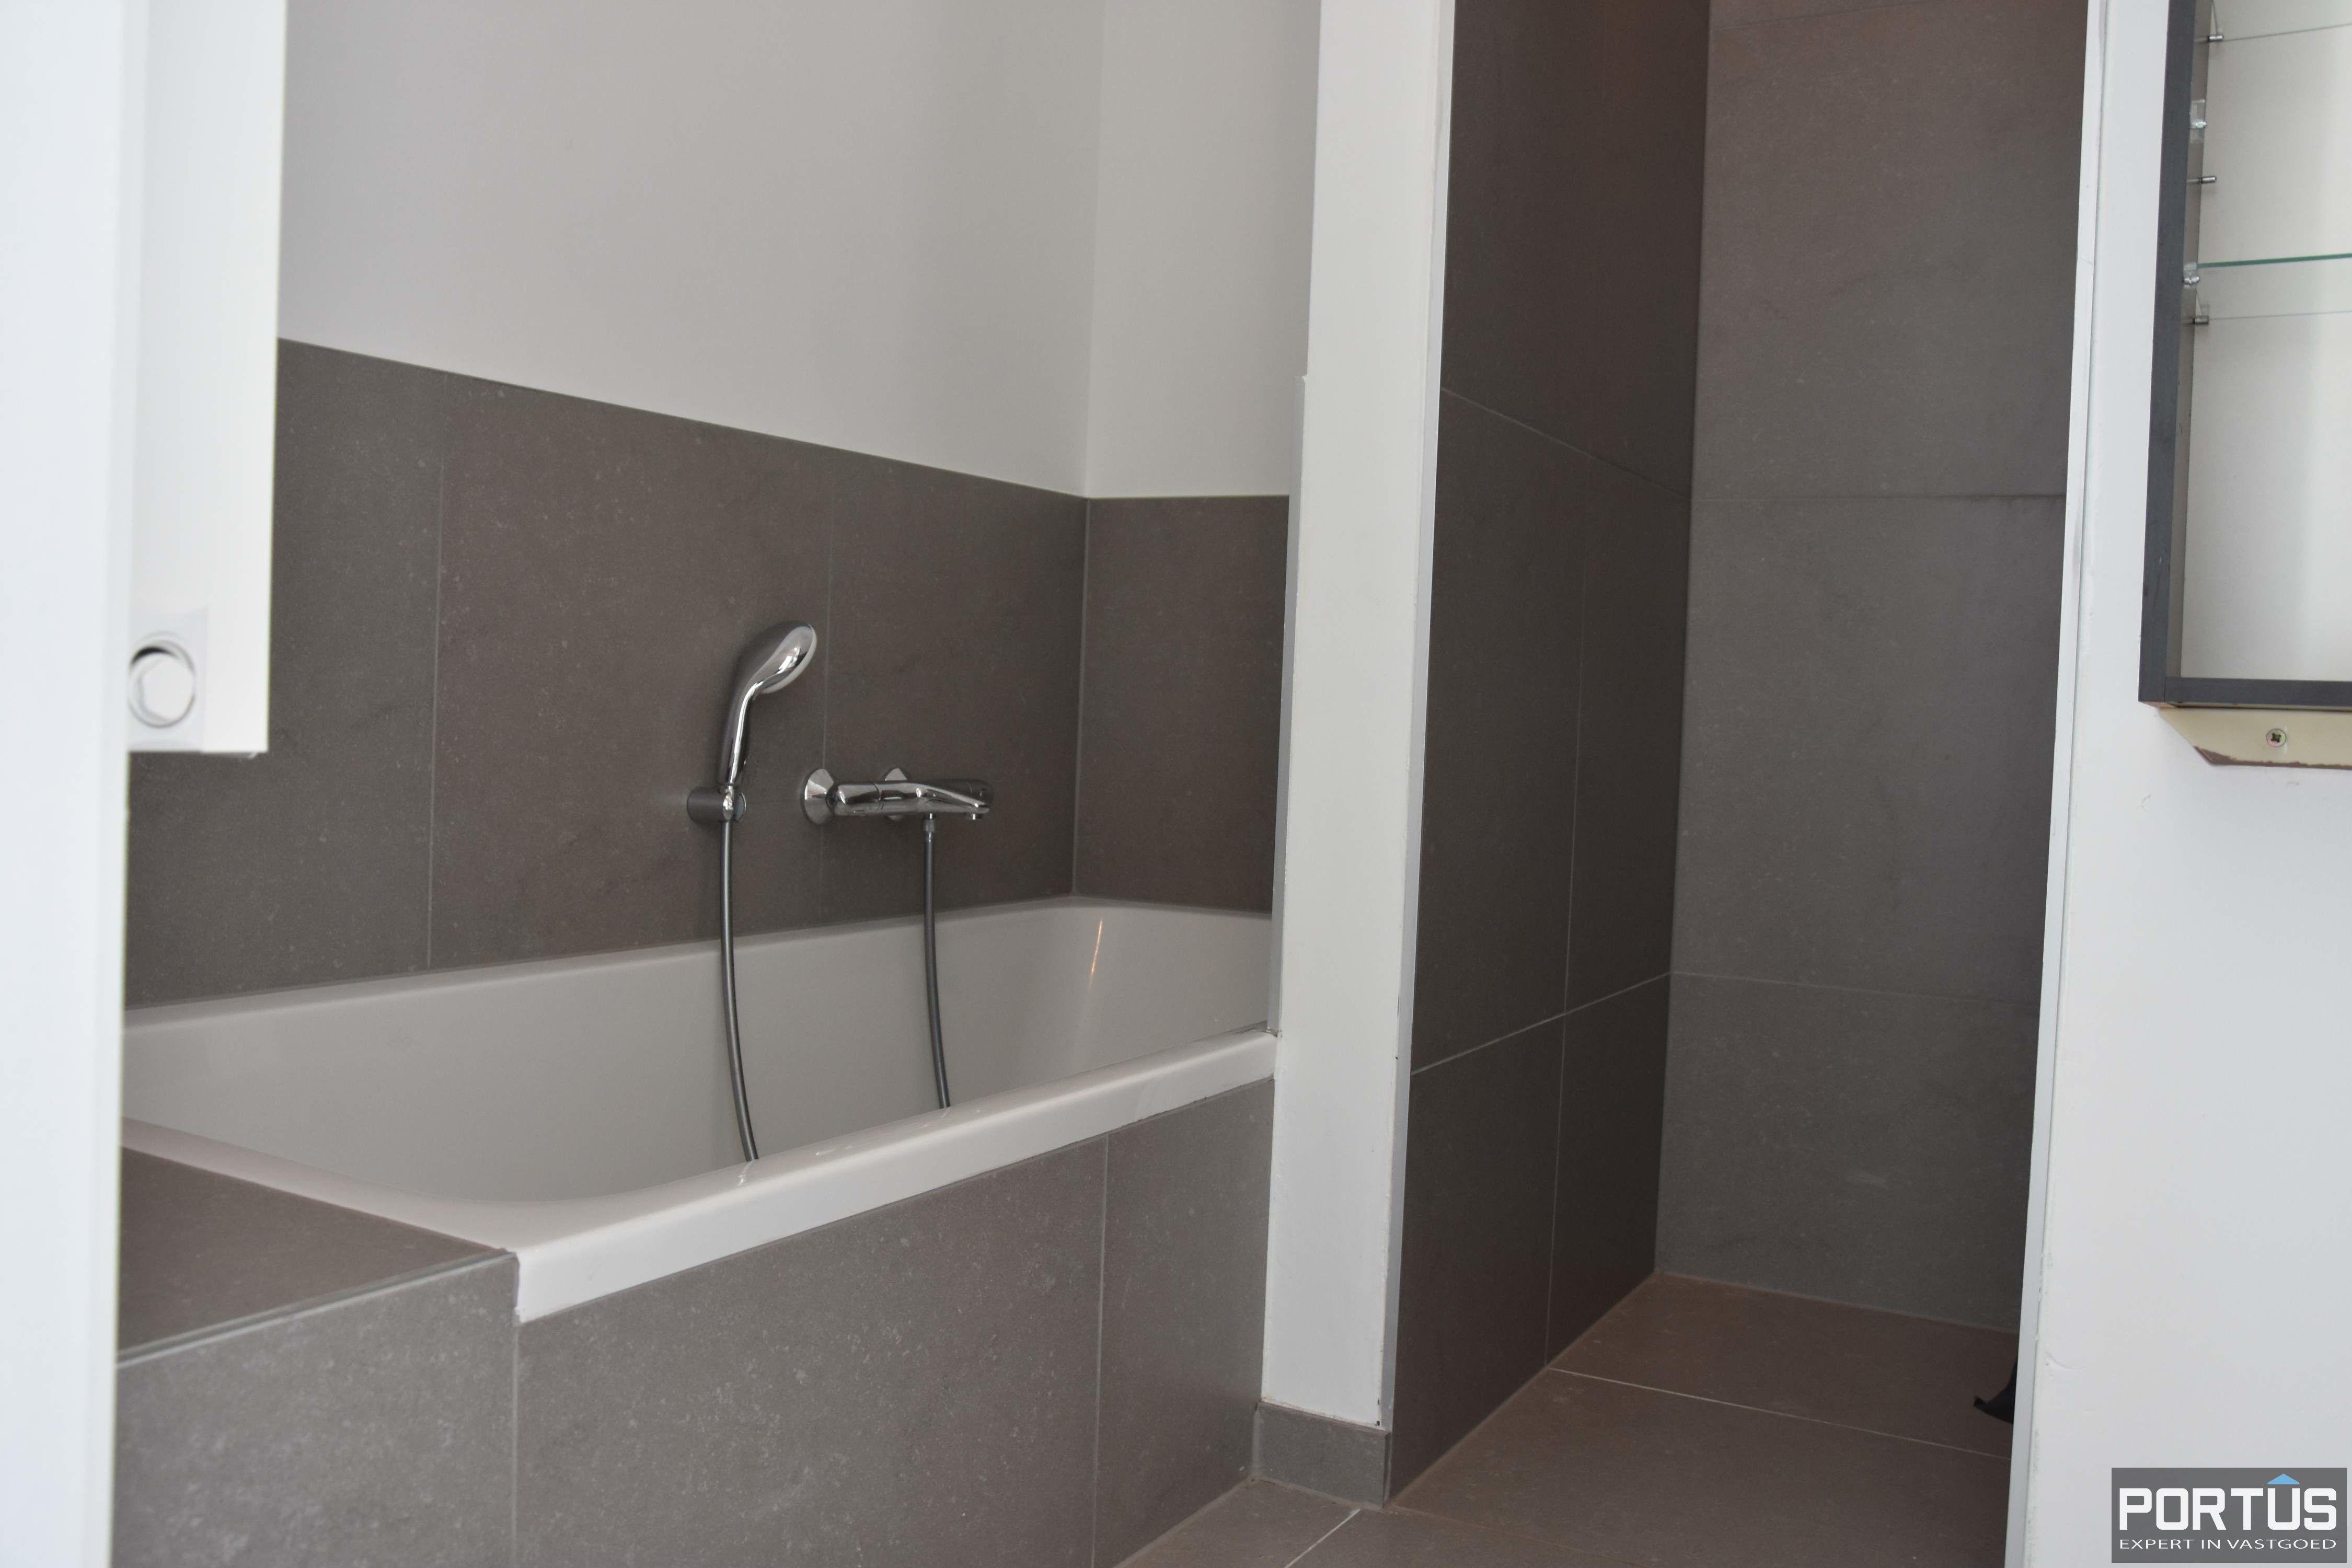 Recent appartement te huur met 3 slaapkamers, kelderberging en parking - 11117